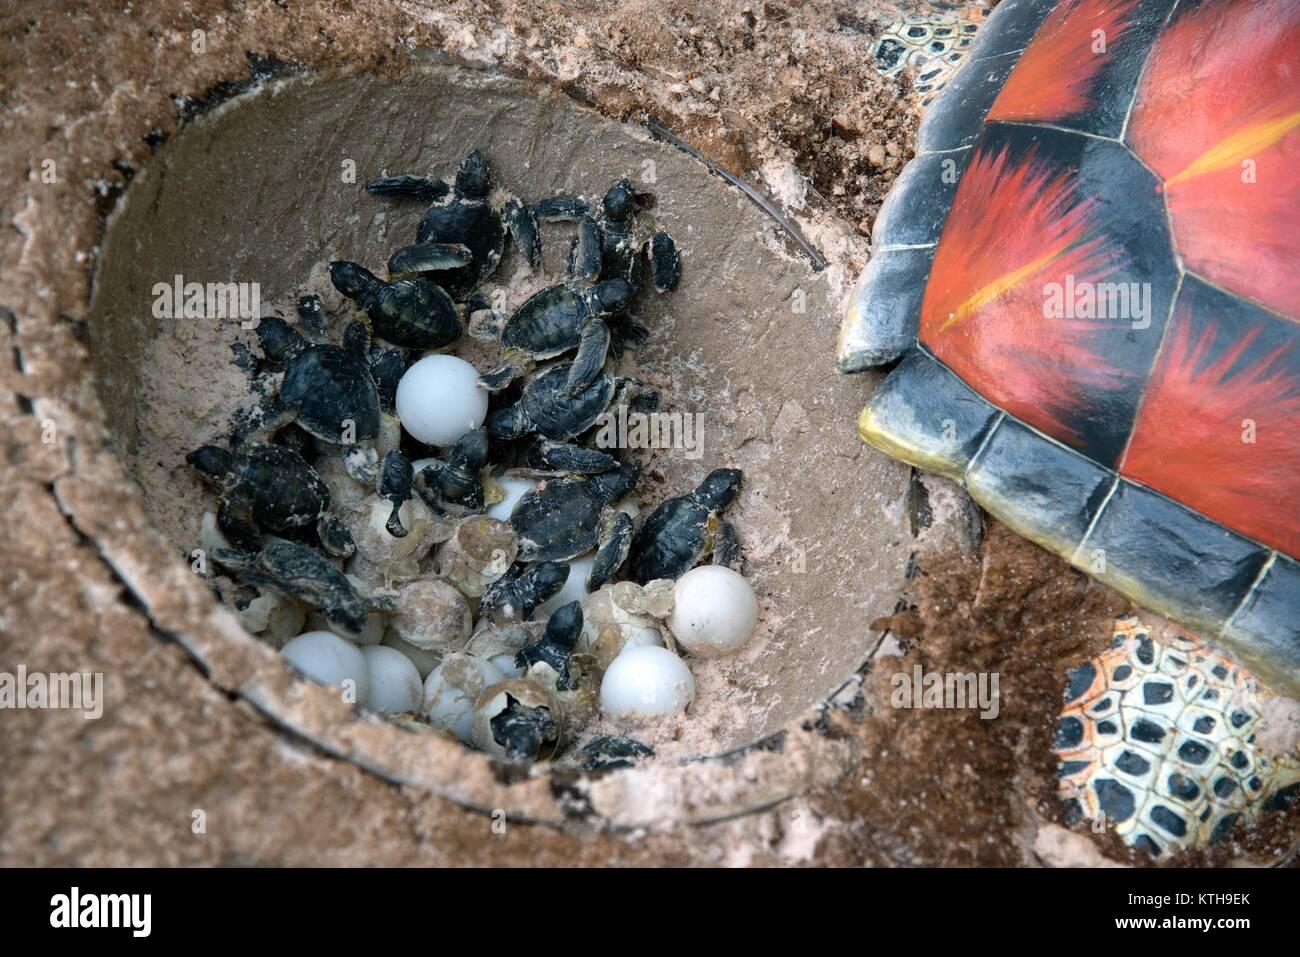 Atemberaubend Süsse Meeresschildkröte Färbung Seite Bilder ...